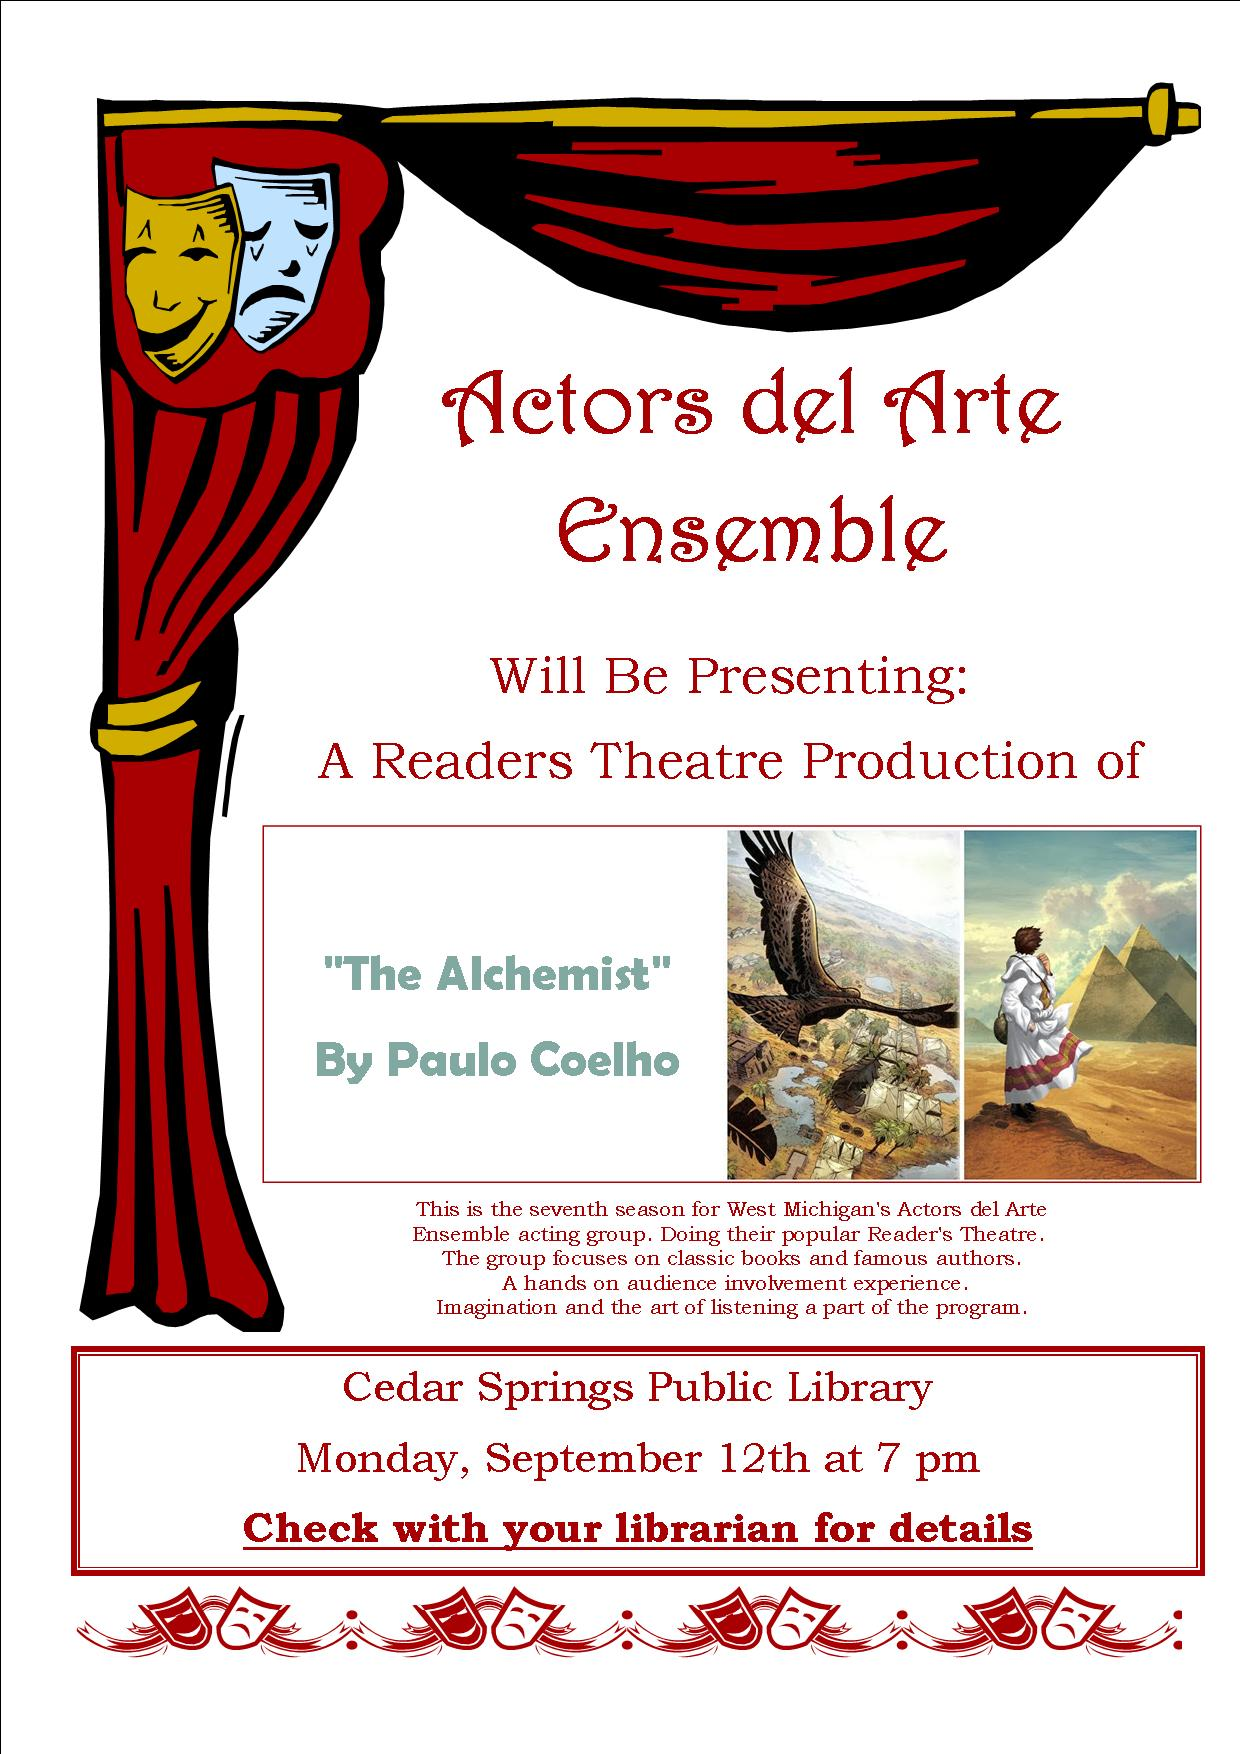 Actors Del Arte Ensemble 9.12.16